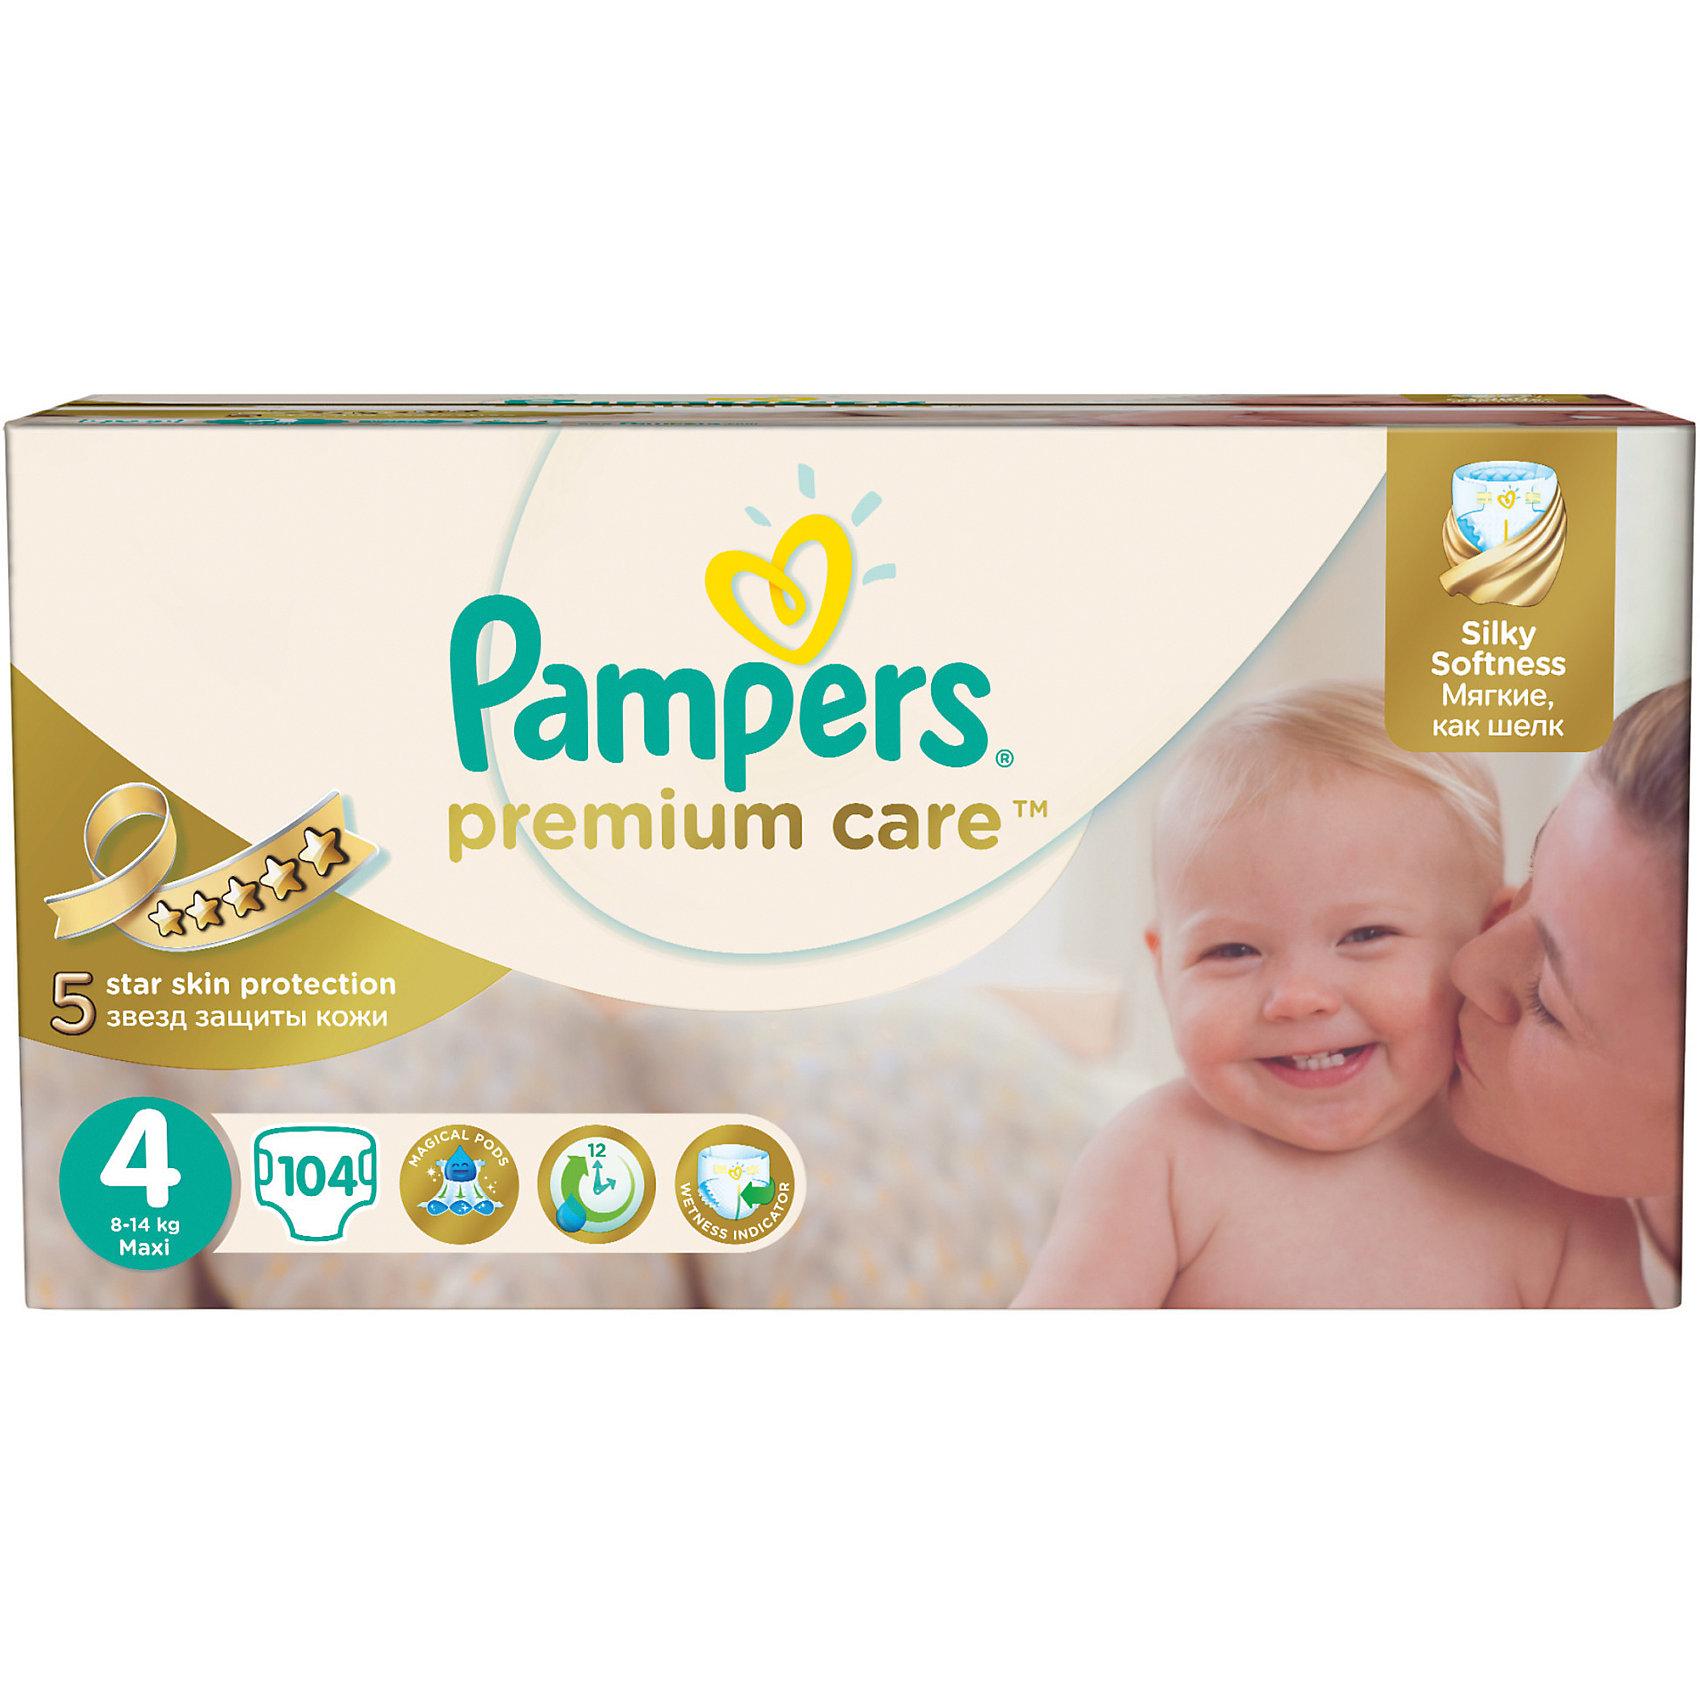 Подгузники Pampers Premium Care, 8-14 кг, 4 размер, 104 шт., PampersПодгузники более 12 кг.<br>Характеристики:<br><br>• Пол: универсальный<br>• Тип подгузника: одноразовый<br>• Коллекция: Premium Care<br>• Предназначение: для использования в любое время суток <br>• Размер: 4<br>• Вес ребенка: от 8 до 14 кг<br>• Количество в упаковке: 104 шт.<br>• Упаковка: картонная коробка<br>• Размер упаковки: 43,8*24,3*21,5 см<br>• Вес в упаковке: 3 кг 401 г<br>• Эластичные застежки-липучки<br>• Подходят для чувствительной кожи<br>• Индикатор влаги<br>• Дышащие материалы<br>• Повышенные впитывающие свойства<br><br>Подгузники Pampers Premium Care, 8-14 кг, 4 размер, 104 шт., Pampers – это новейшая линейка детских подгузников от Pampers, которая сочетает в себе высокое качество и безопасность материалов, удобство использования и комфорт для нежной кожи малыша. Подгузники предназначены для младенцев весом до 14 кг. Инновационные технологии и современные материалы обеспечивают этим подгузникам дышащие свойства, что особенно важно для кожи малыша. <br><br>Три впитывающих слоя обеспечивают повышенные впитывающие качества, при этом верхний слой остается сухим и мягким. У подгузников предусмотрена эластичная мягкая резиночка на спинке. Широкие липучки с двух сторон обеспечивают надежную фиксацию. У подгузника предусмотрен индикатор сухости-влажности, полоска, которая по мере наполнения меняет цвет. Подгузник подходит как для мальчиков, так и для девочек. <br><br>Подгузники Pampers Premium Care, 8-14 кг, 4 размер, 104 шт., Pampers можно купить в нашем интернет-магазине.<br><br>Ширина мм: 438<br>Глубина мм: 243<br>Высота мм: 215<br>Вес г: 3401<br>Возраст от месяцев: 6<br>Возраст до месяцев: 36<br>Пол: Унисекс<br>Возраст: Детский<br>SKU: 5419030